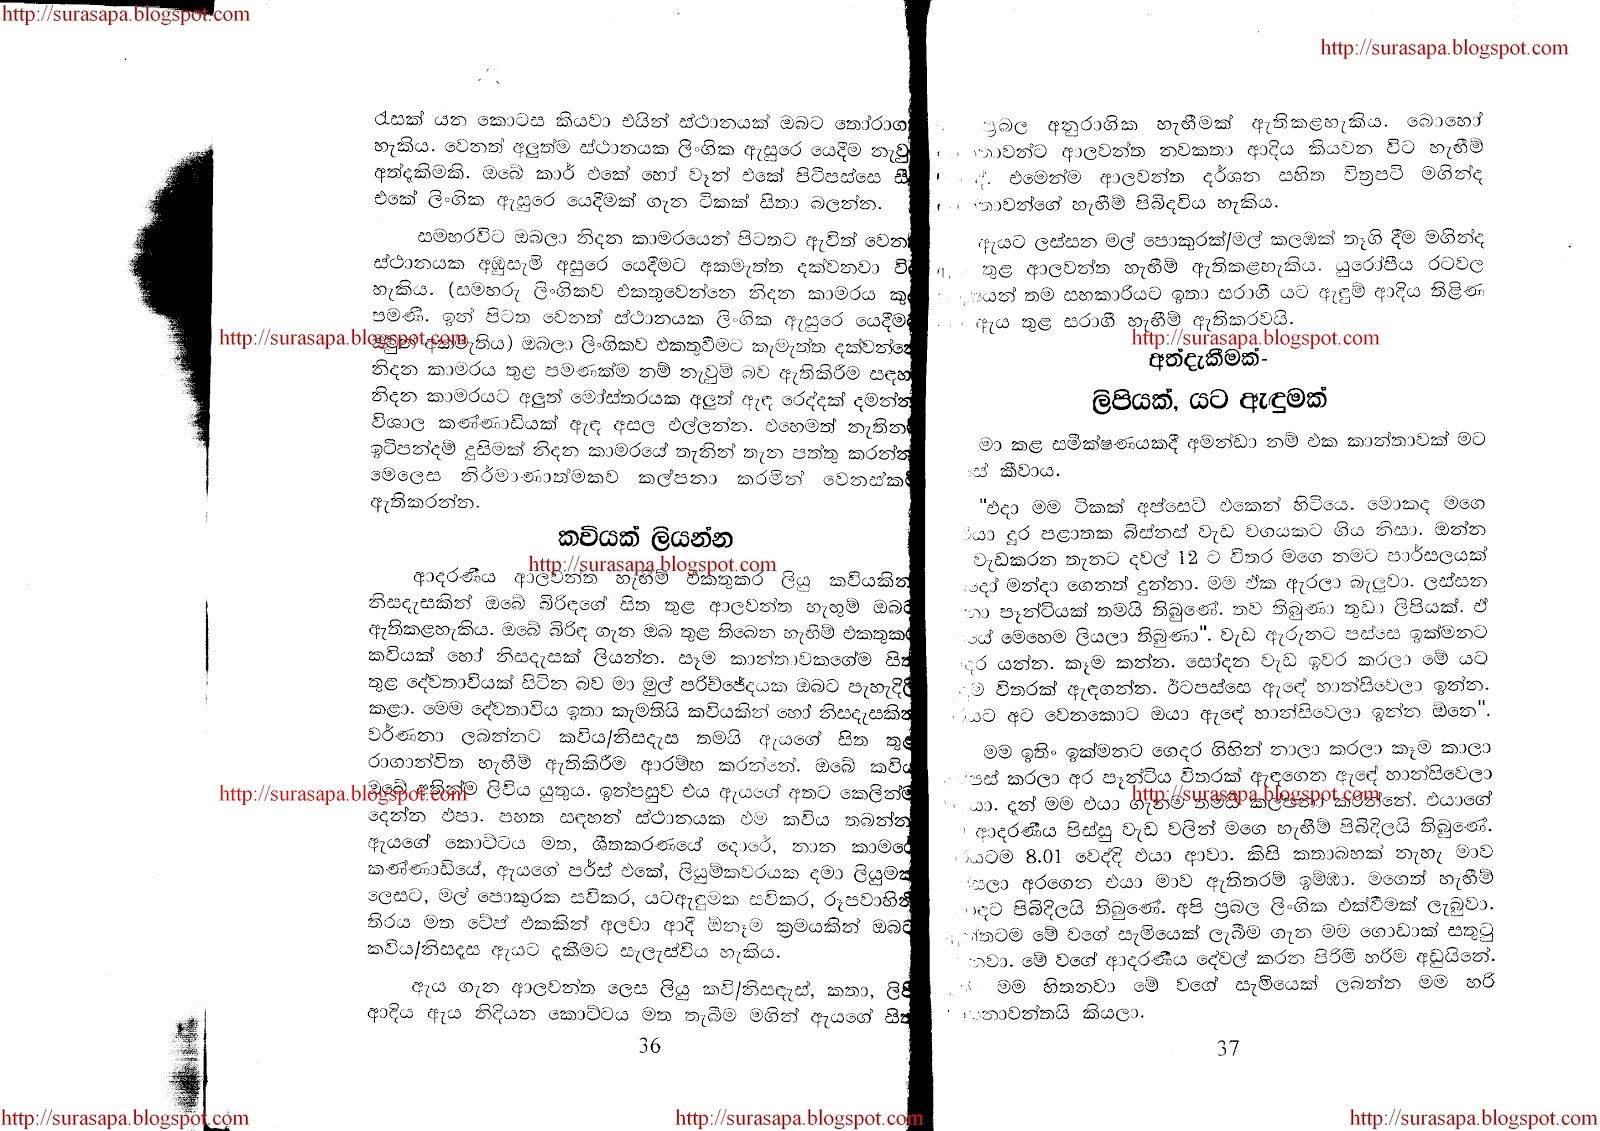 sinhala wal katha: Aluth site eka - Blogger